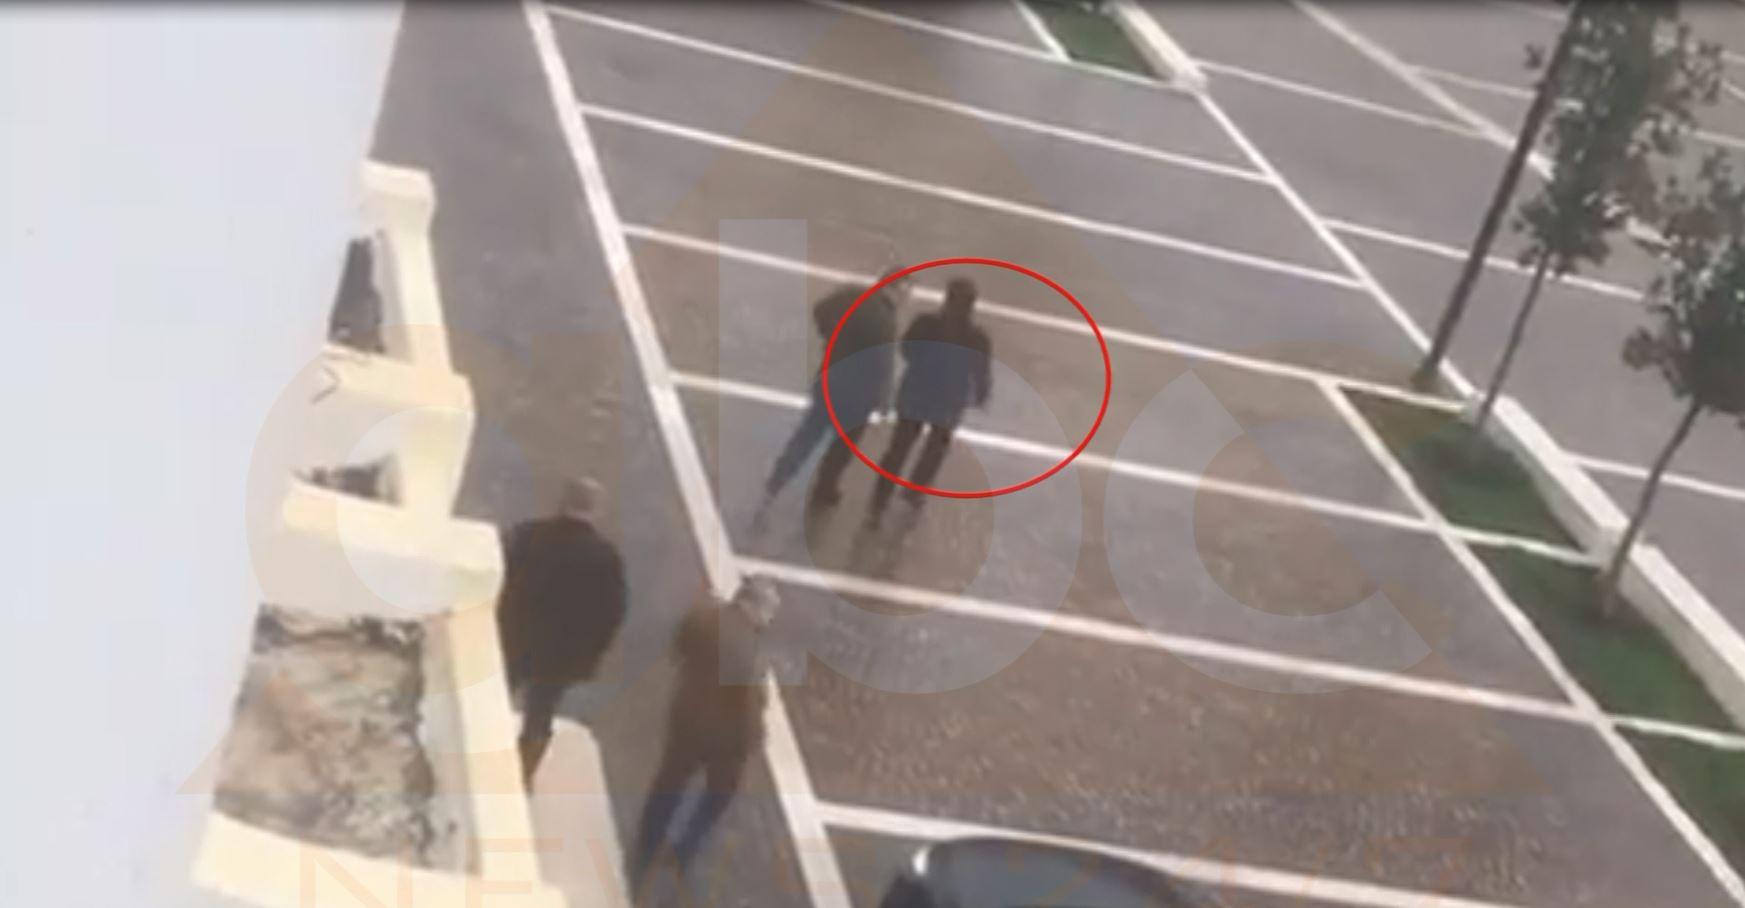 ABC News siguron pamjet e ndalimit të kryebashkiakut të Lezhës